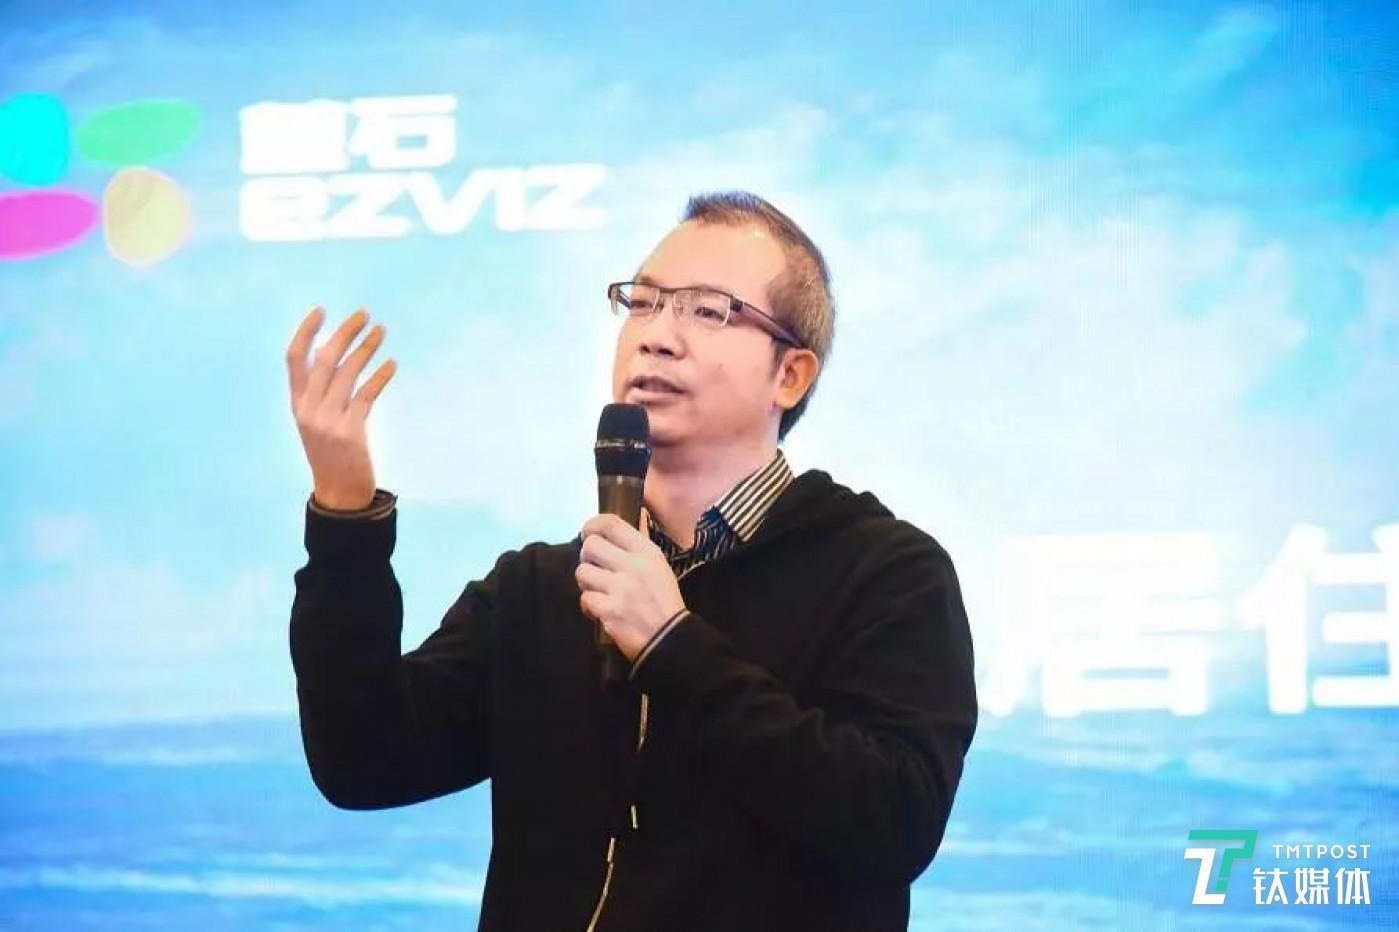 萤石科技 CEO 蒋海青